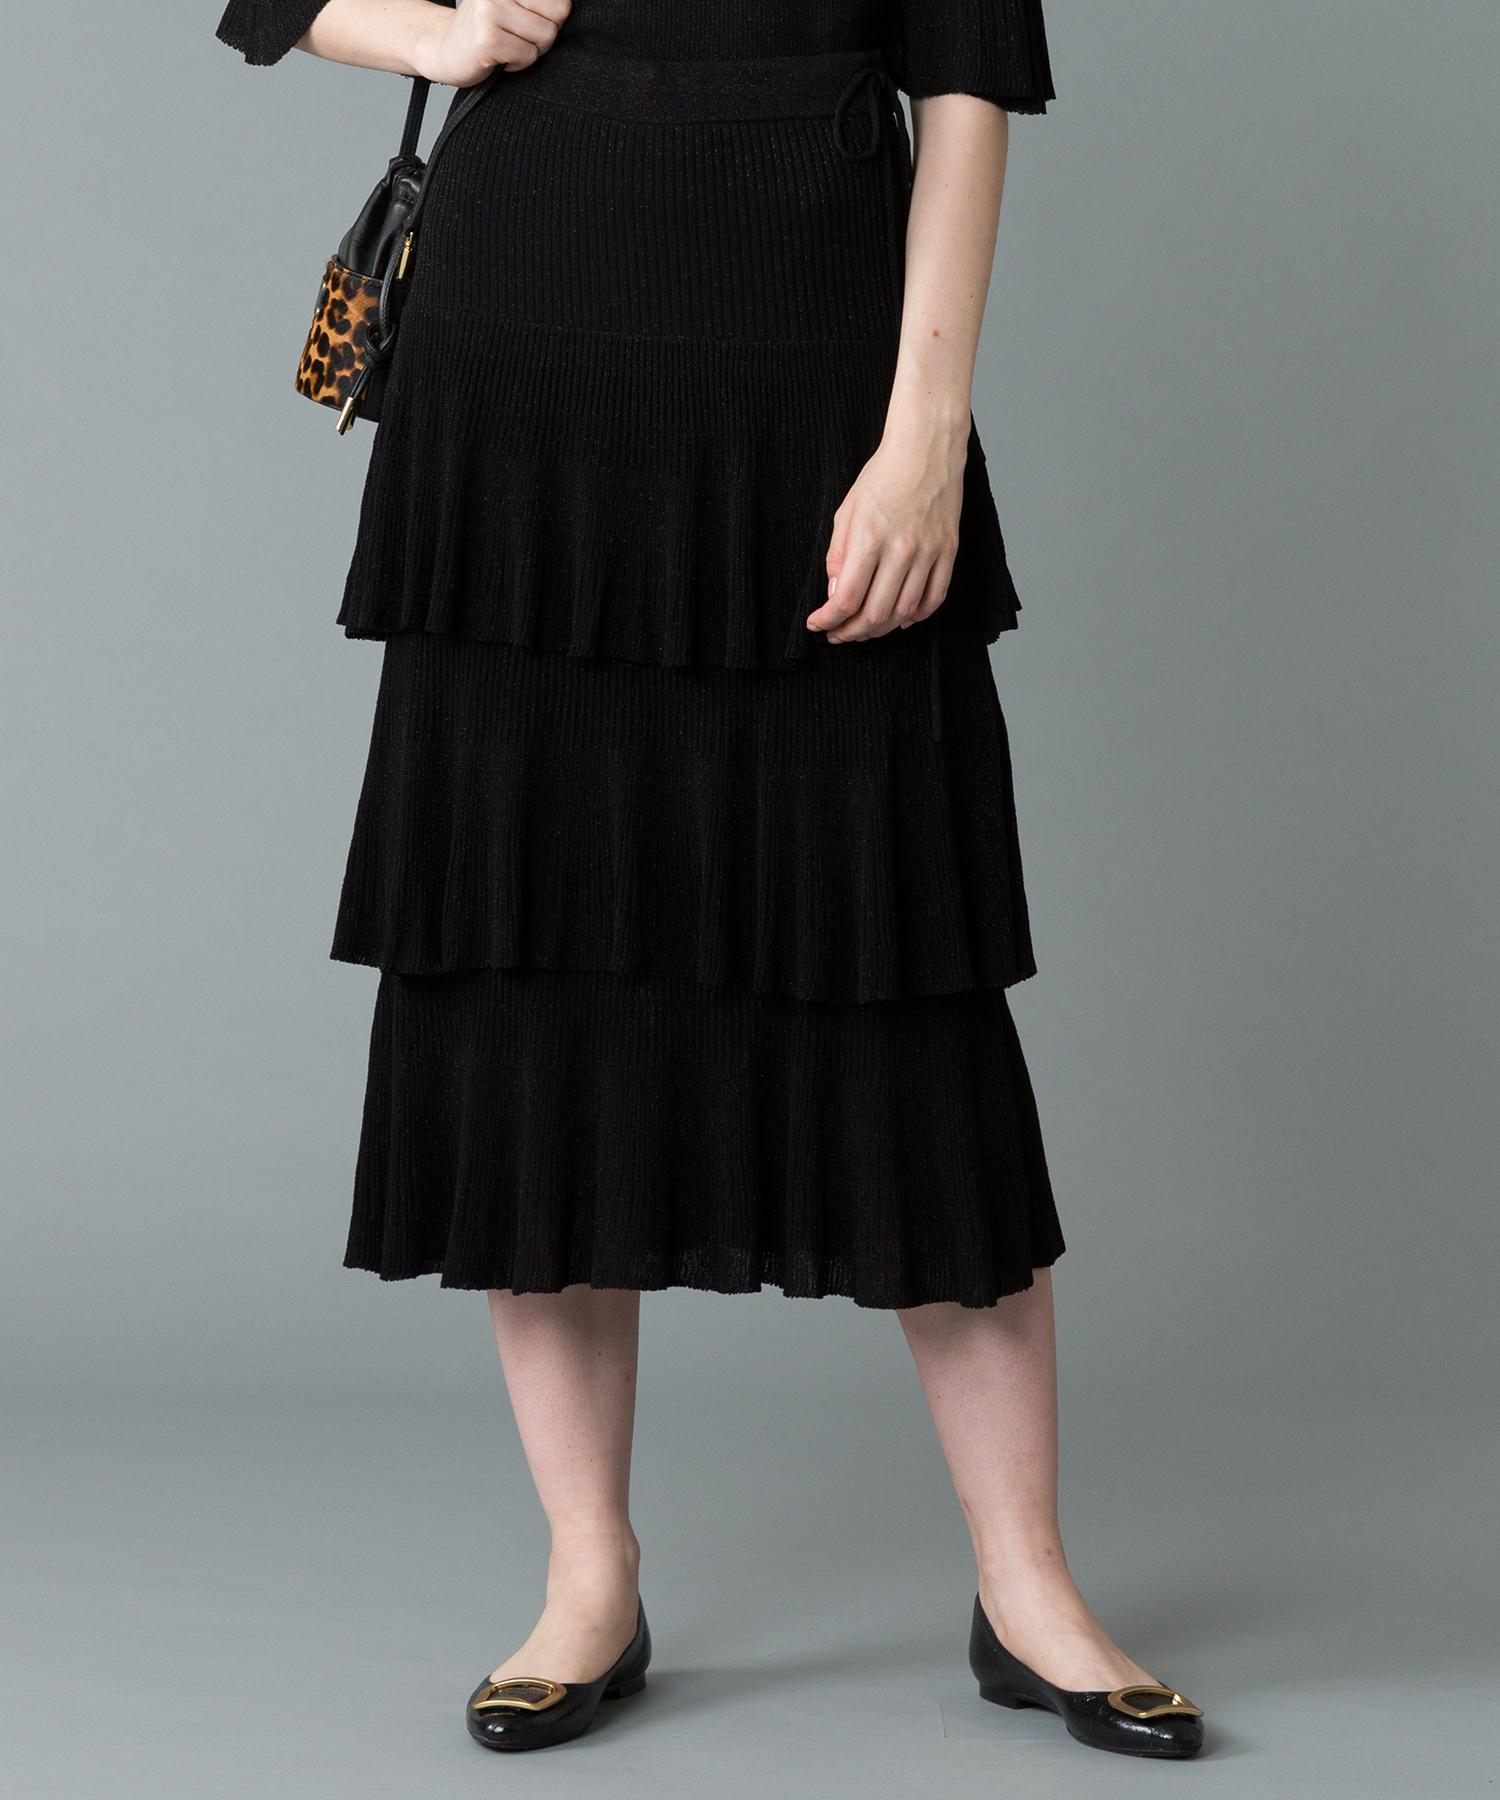 【セットアップ対応商品】【LOULOU WILLOUGHBY】シュガーラメプリーツティアードスカート